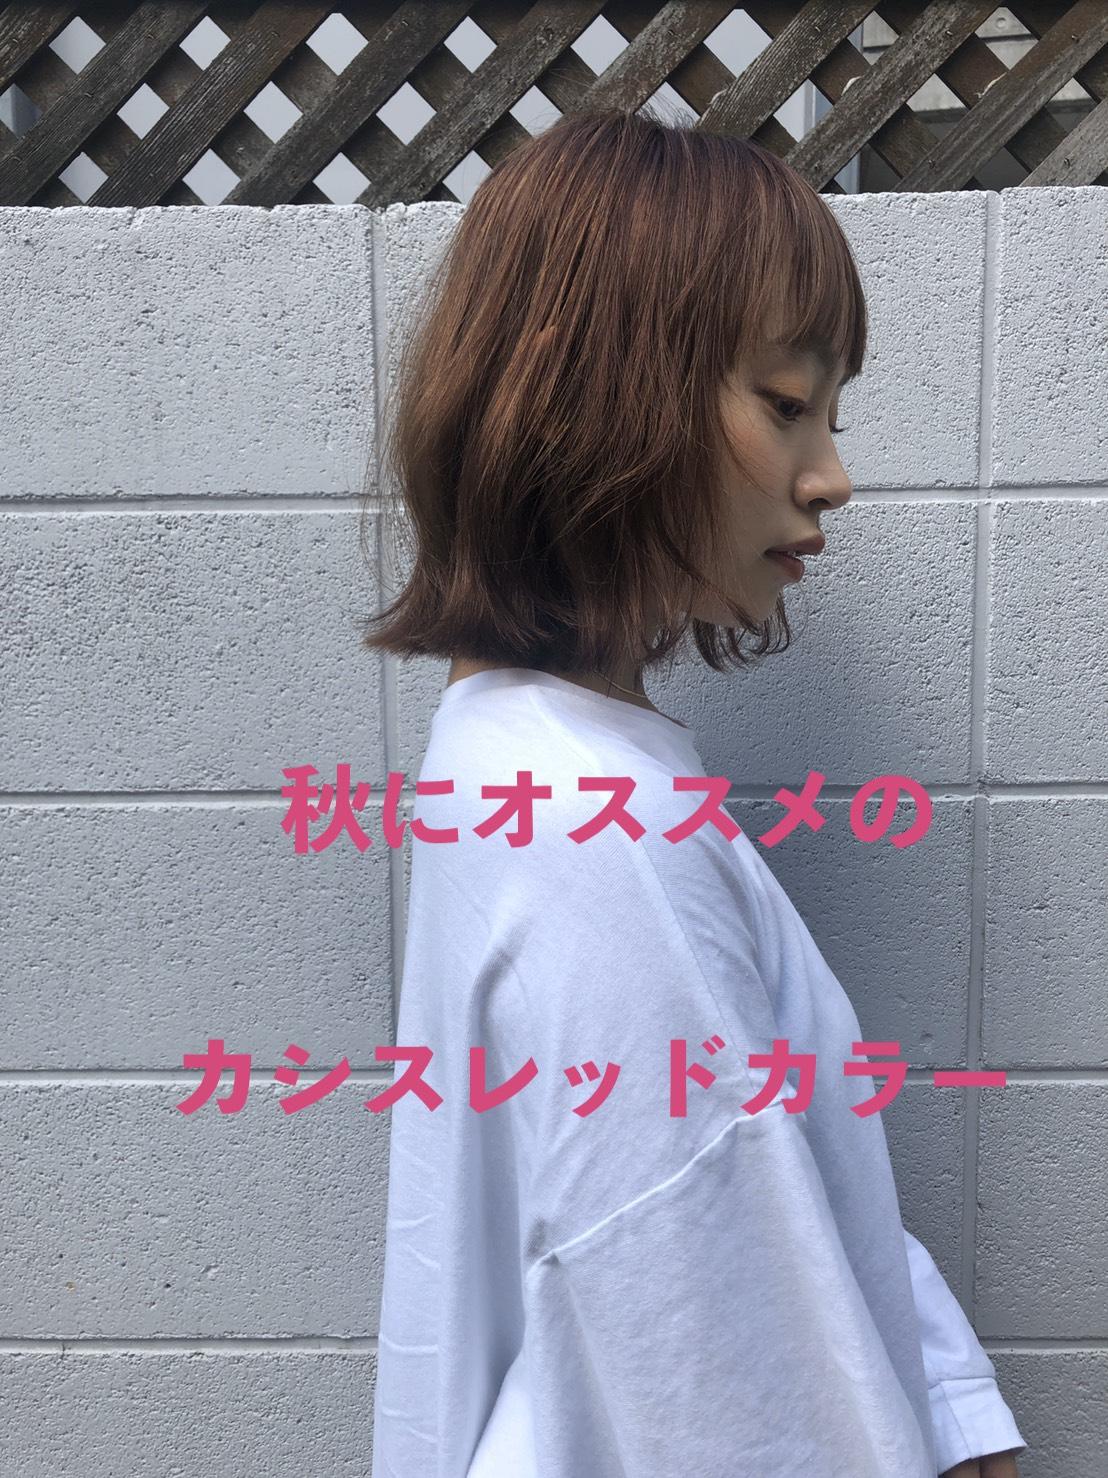 カシスレッド ピンク レッド ボブ ロブ 秋髪 秋カラー パープル アッシュ 暖色 暖色カラー 韓流